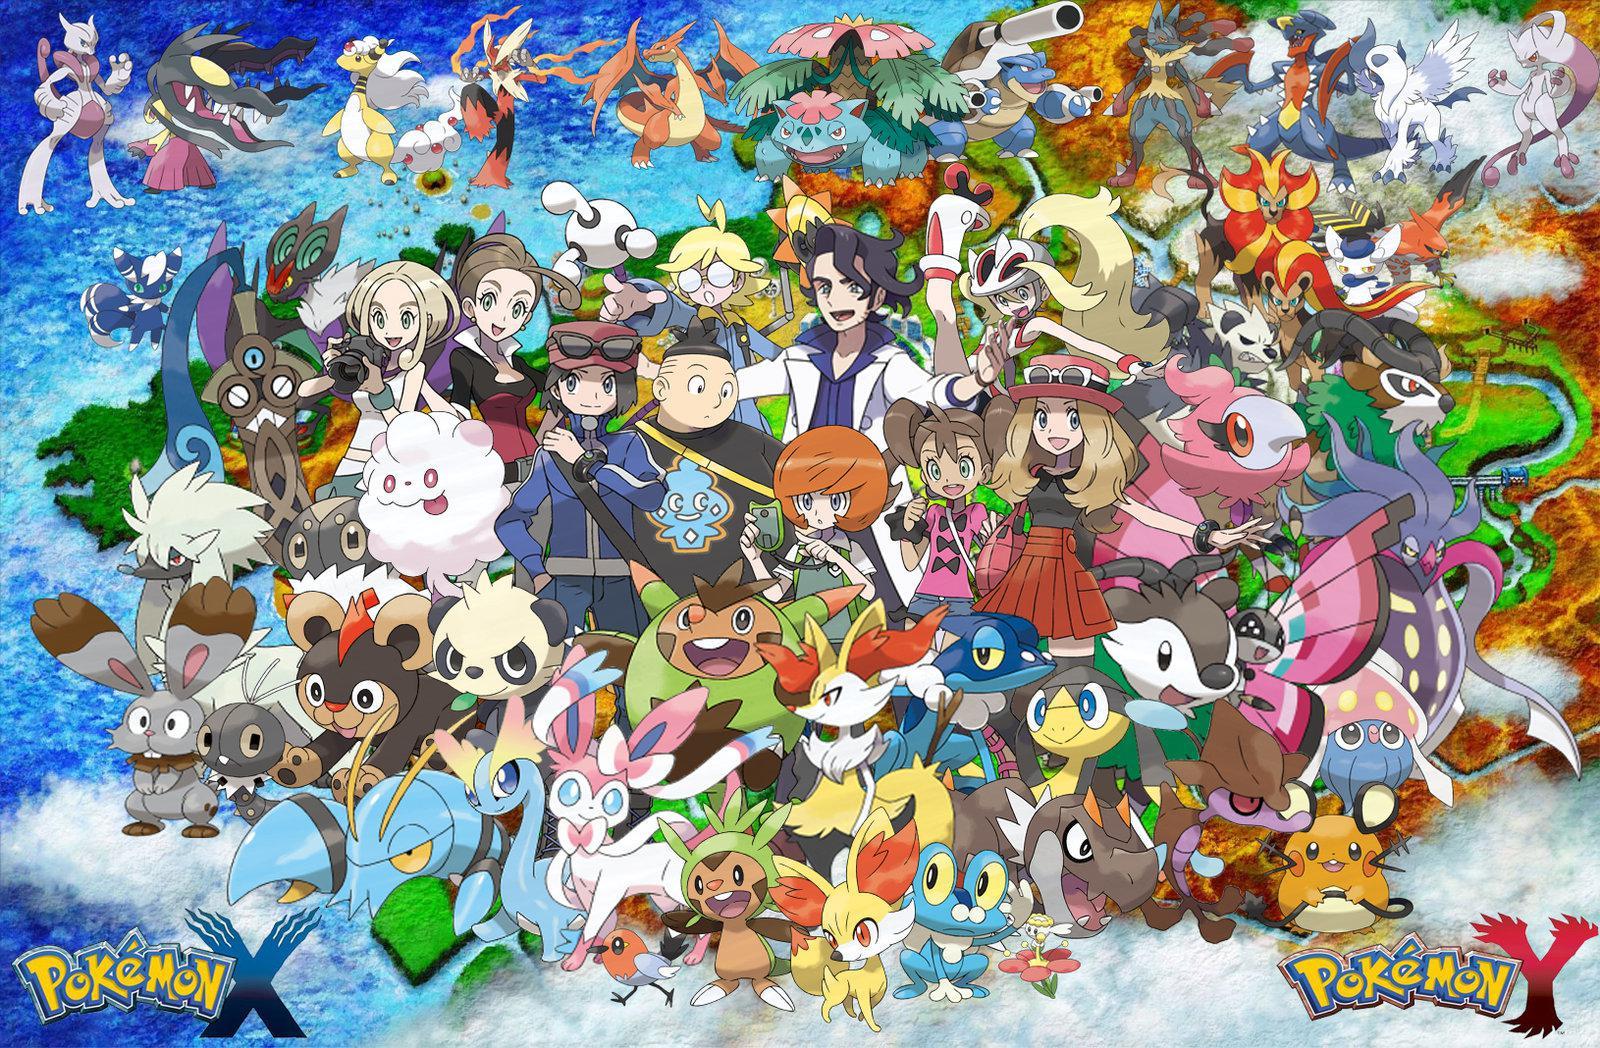 Pokémon X [3DS] (Part 1) – A New Adventure Begins ...